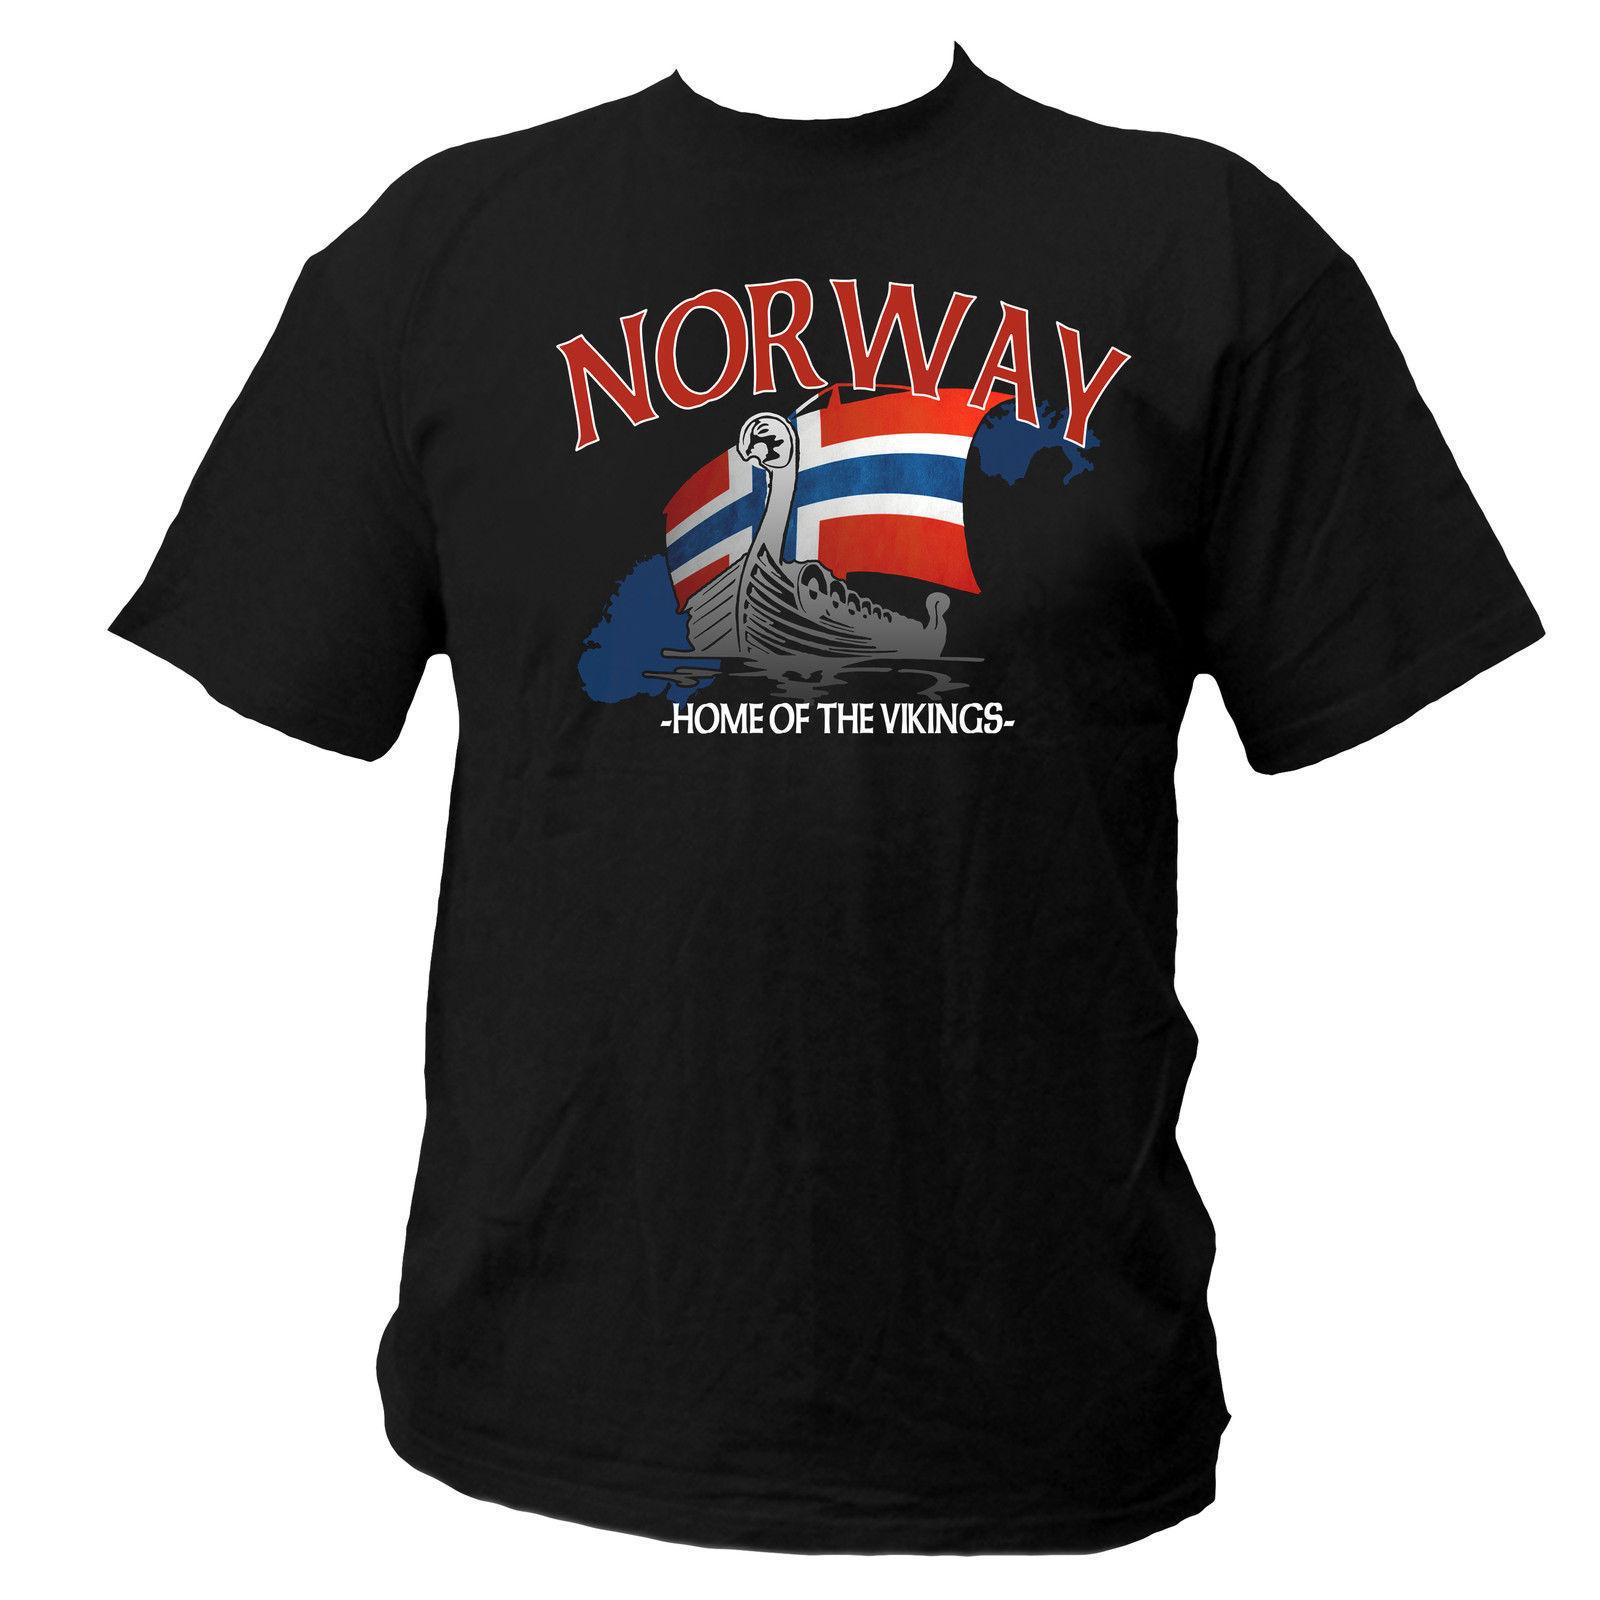 Printed Pure Cotton Men's Shirt Norway Norway Viking Odin Thor Freya Wotan Fun Street Wear Cult O-Neck T Shirt